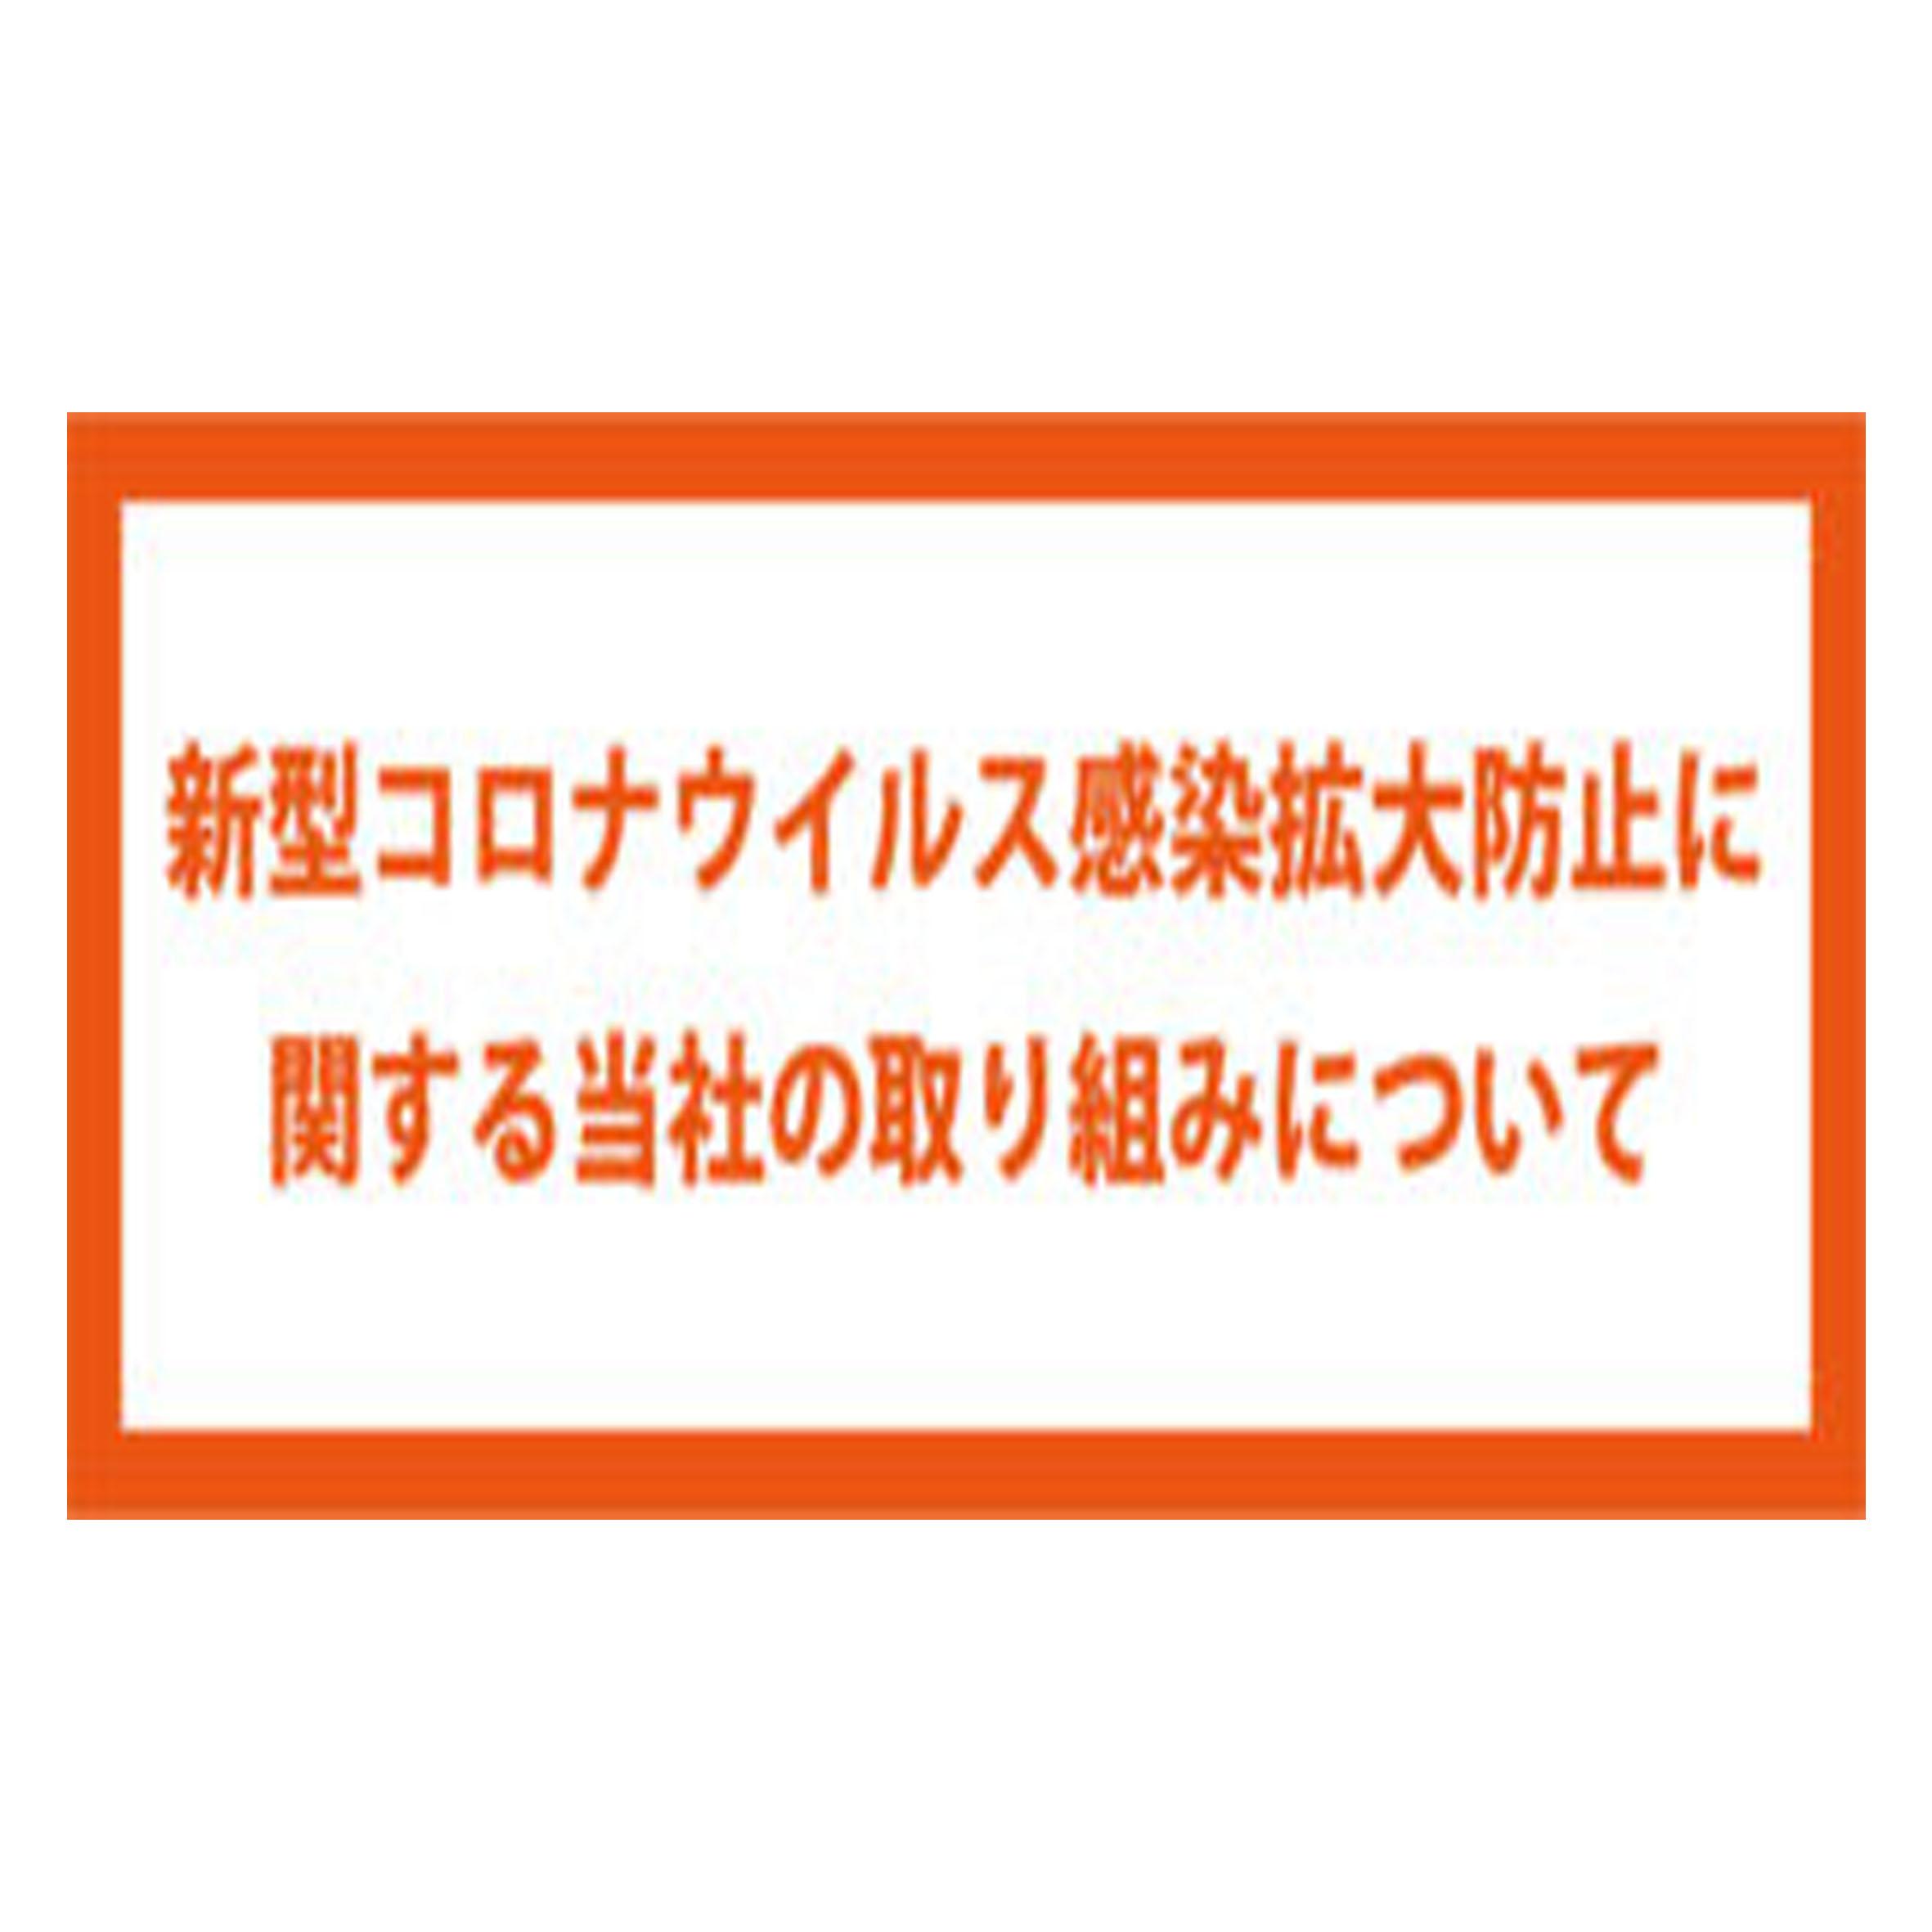 茨城県独自の緊急事態措置における当社の新型コロナウイルス感染症対策について